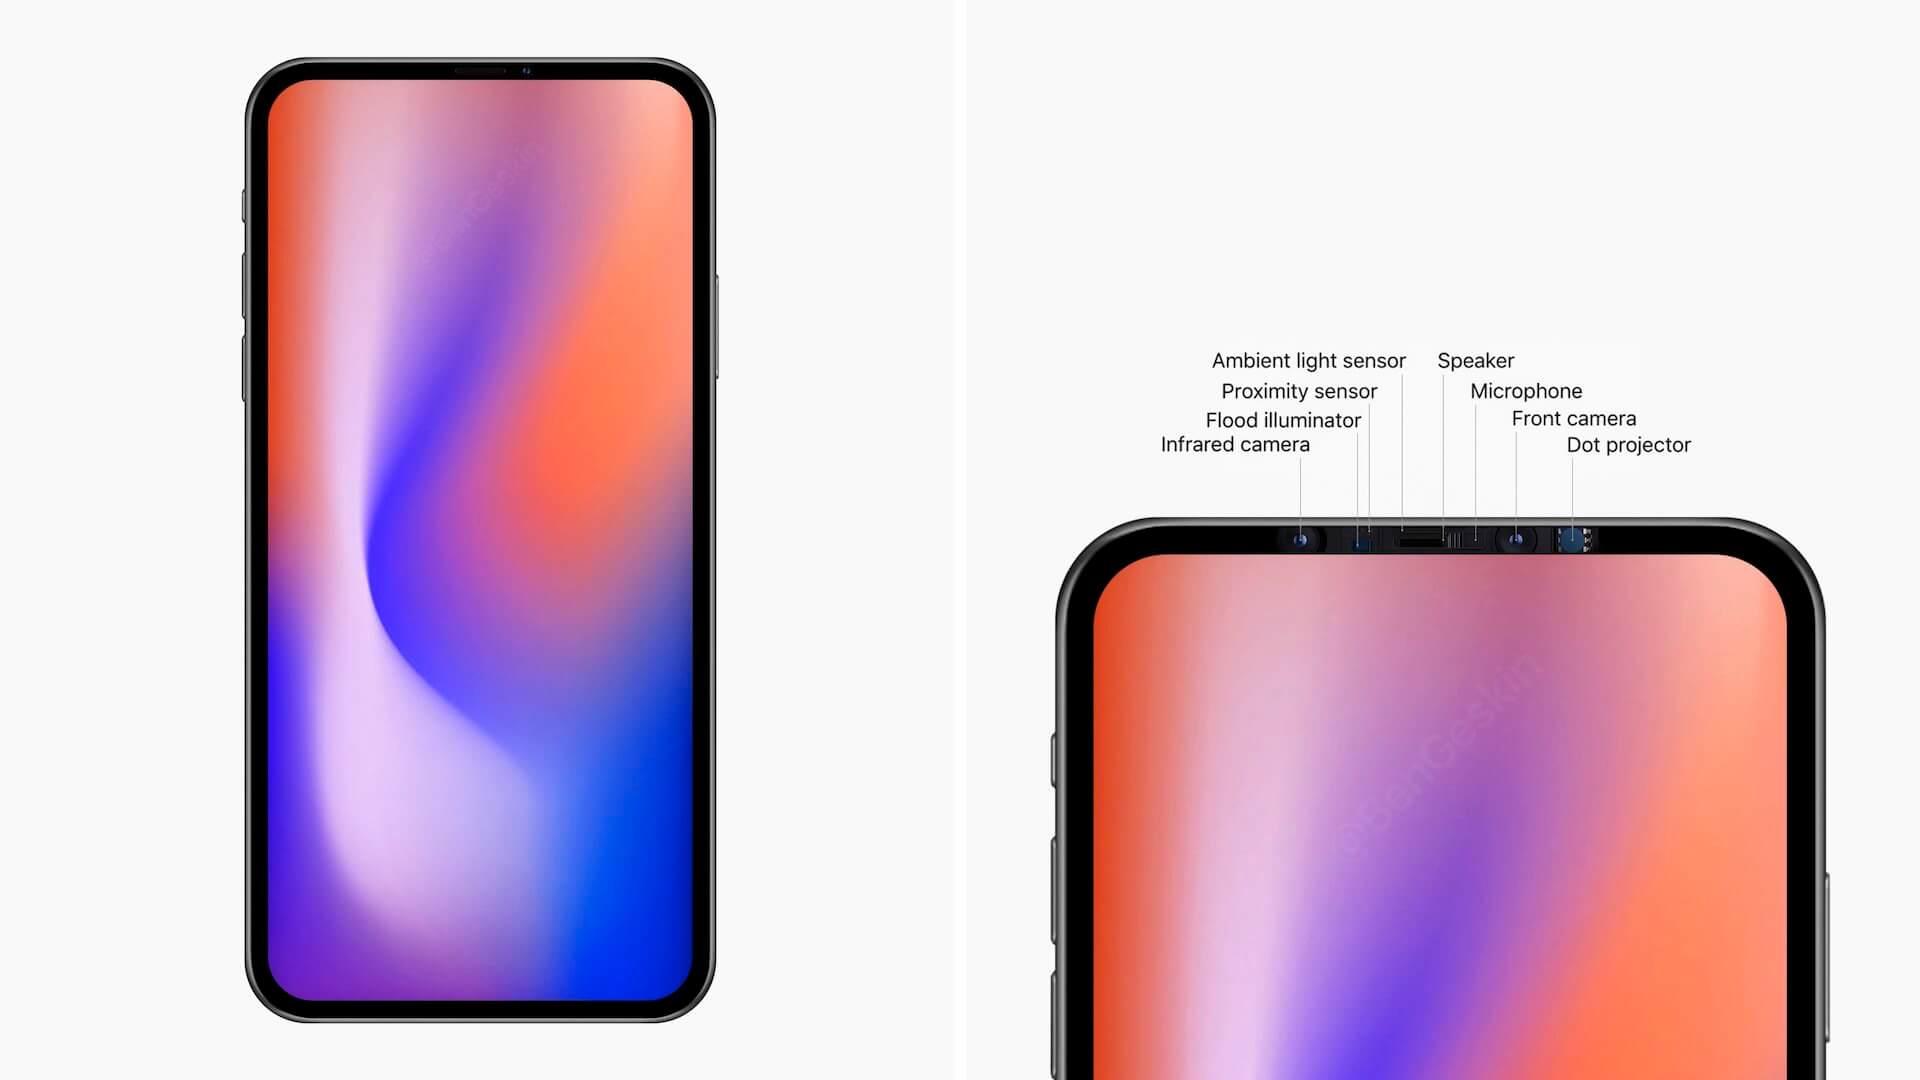 2020年発売iPhoneは完全ノッチレスのディスプレイに?Face IDはどうなる tech190927_iphone_2020_1